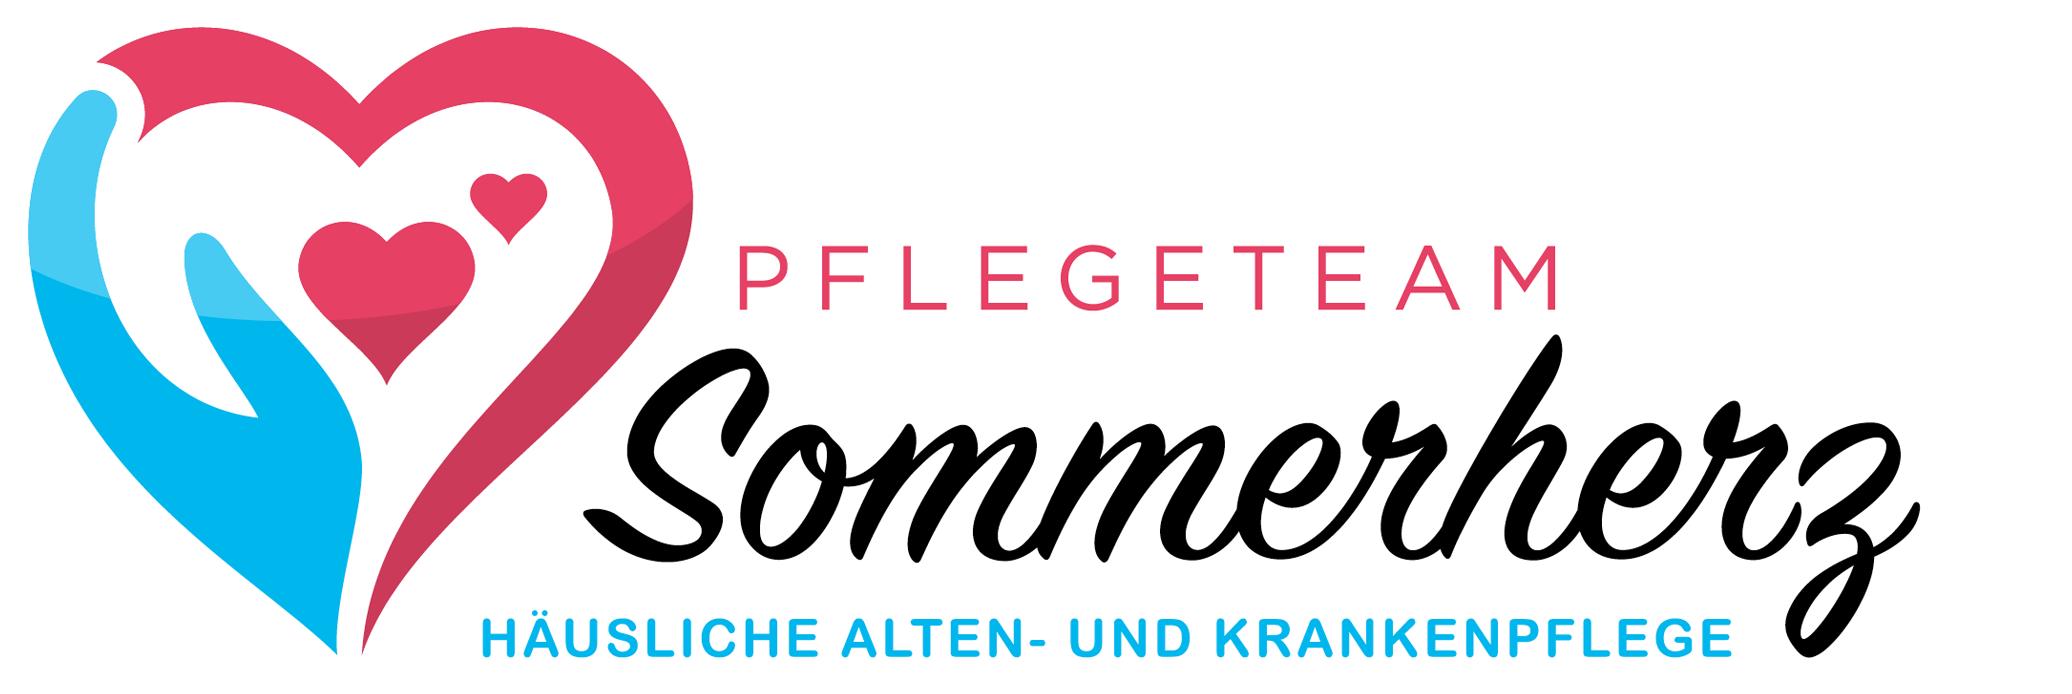 pflegeteam-sommerherz-logo-o